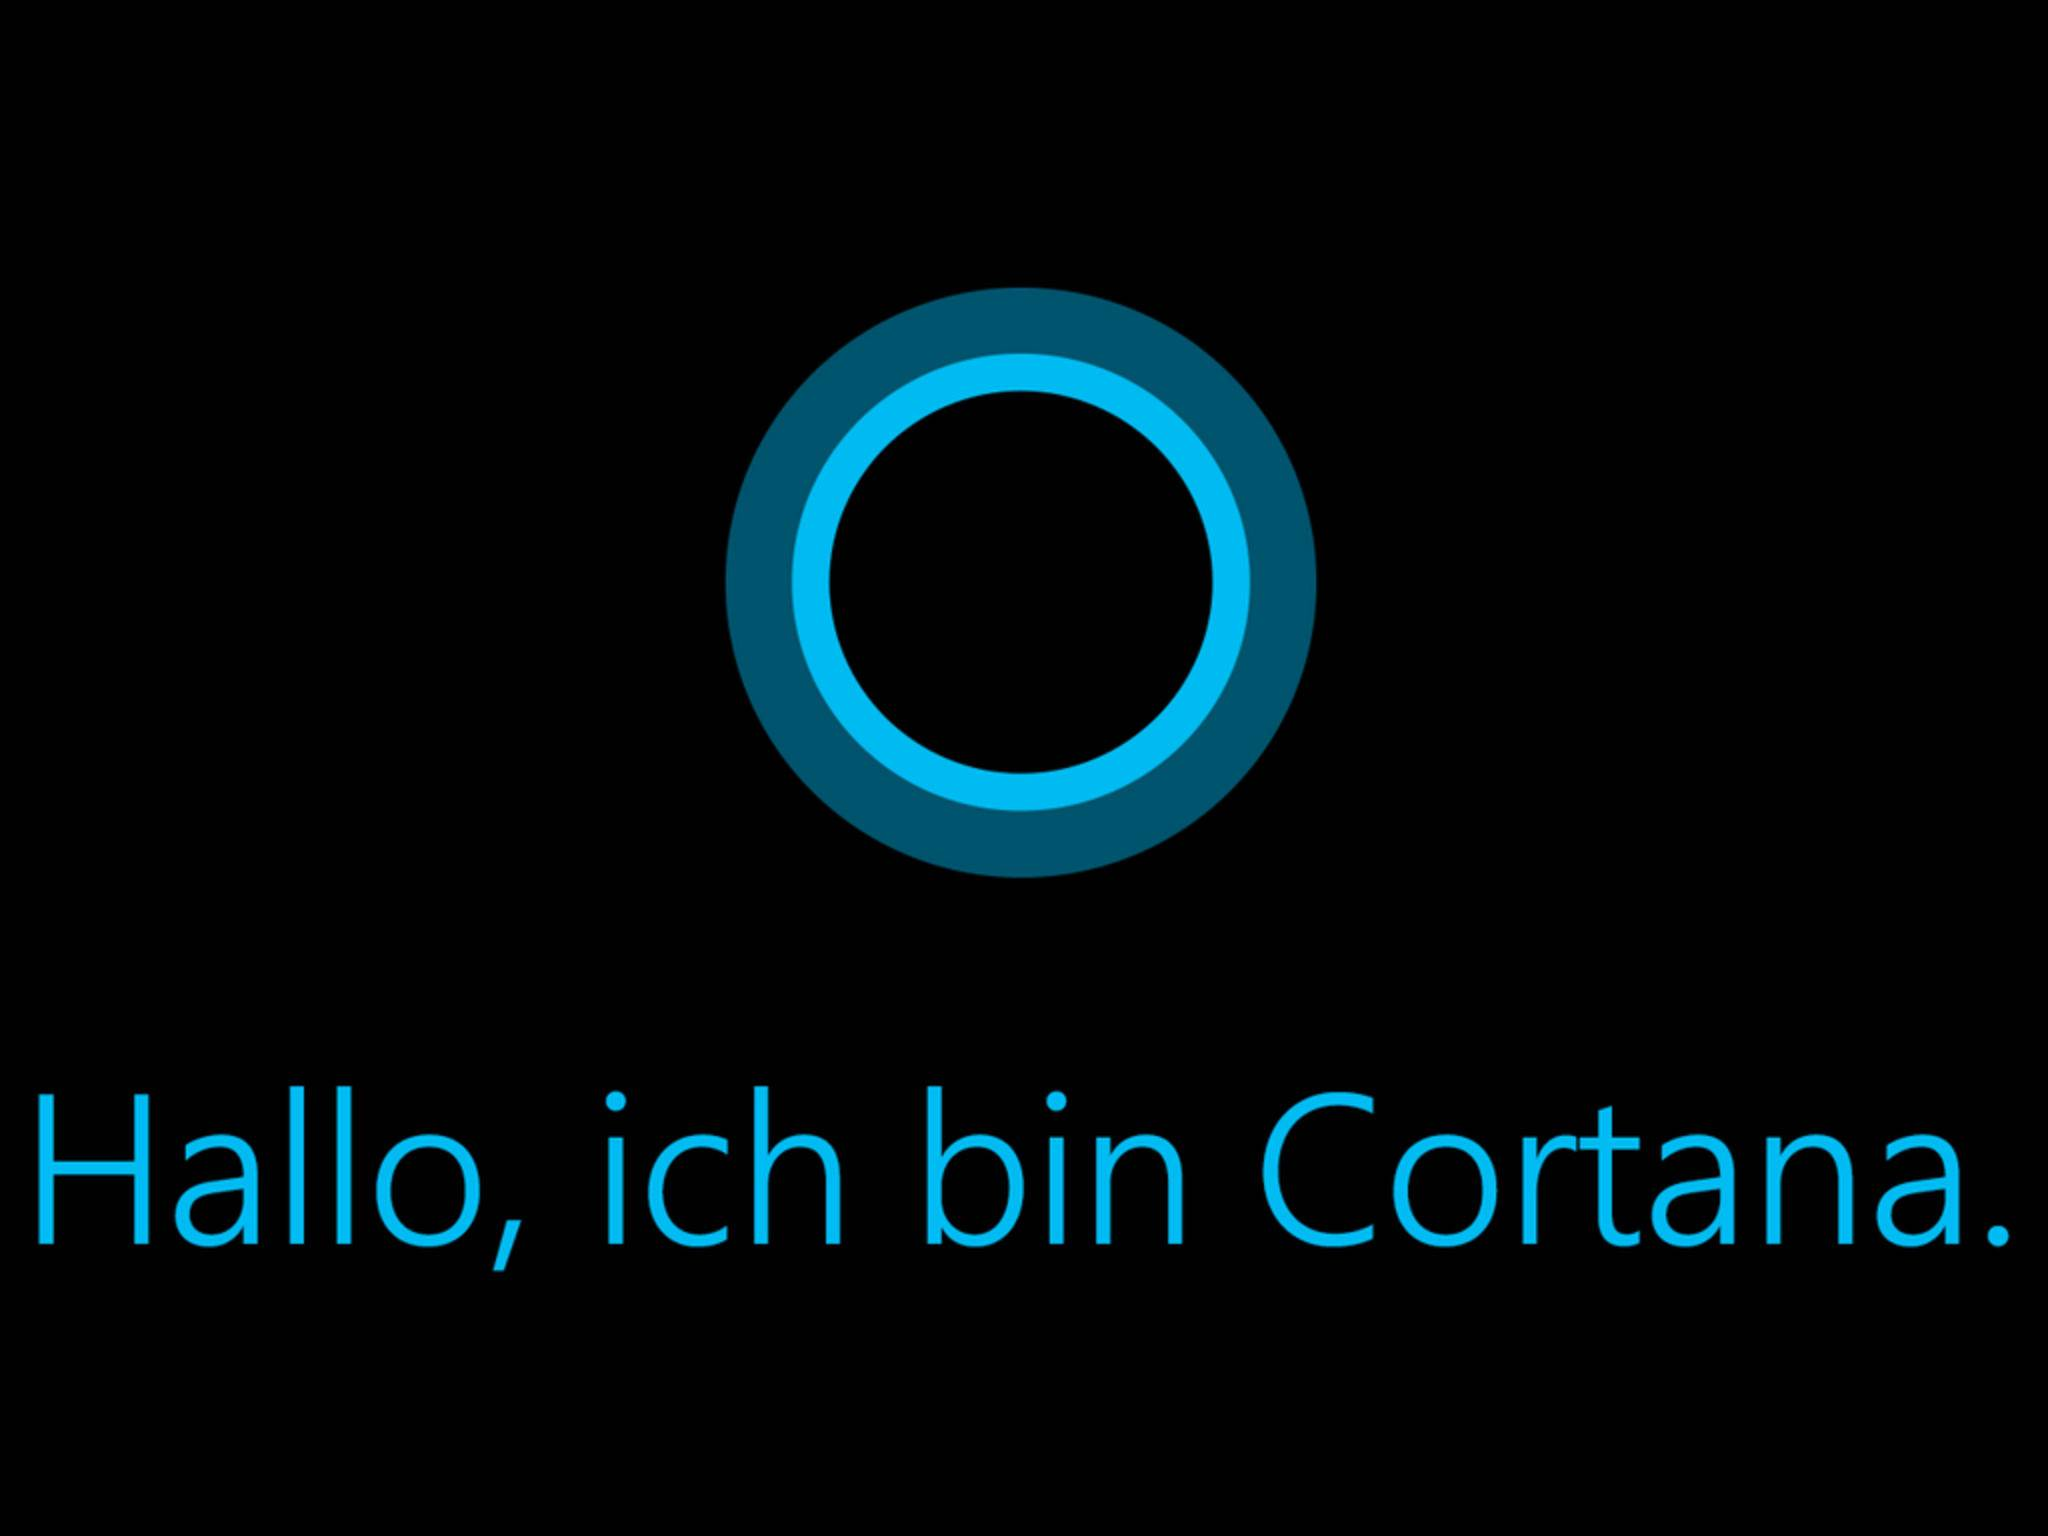 Cortana könnte in Zukunft die Funktion von Clippy übernehmen.